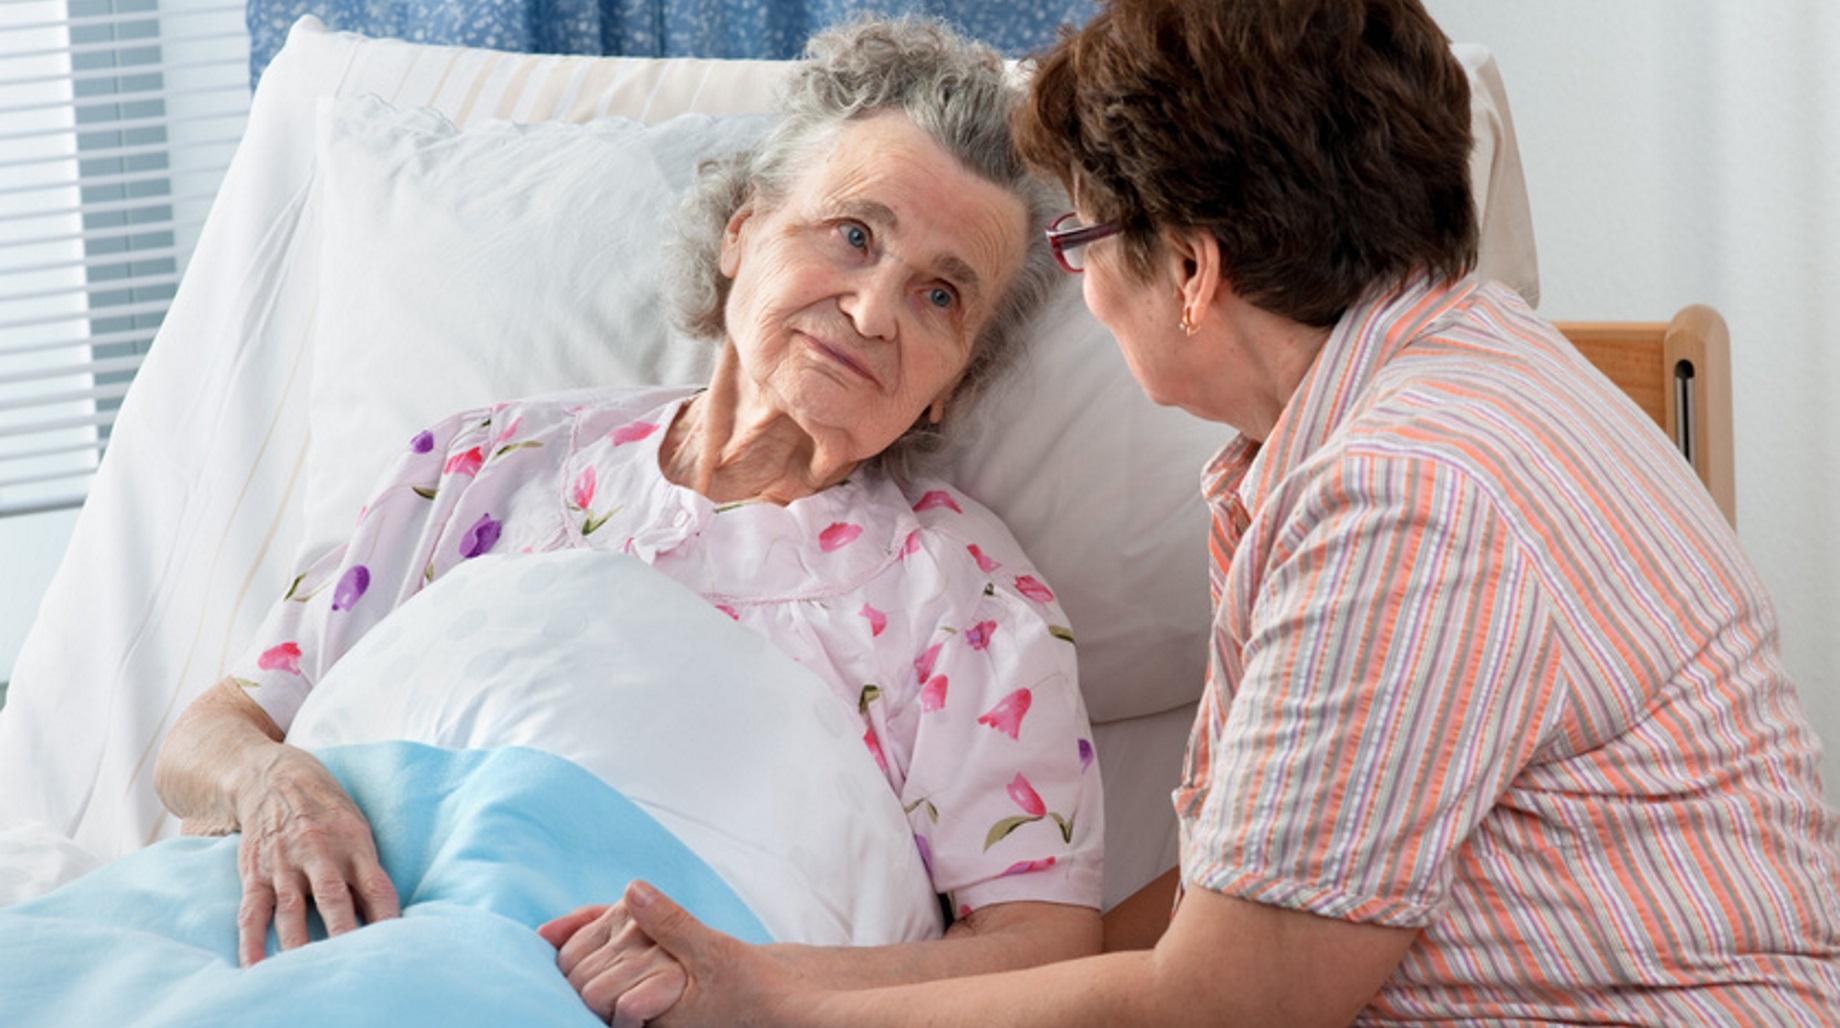 Frau betreut ältere Dame in der Nacht.